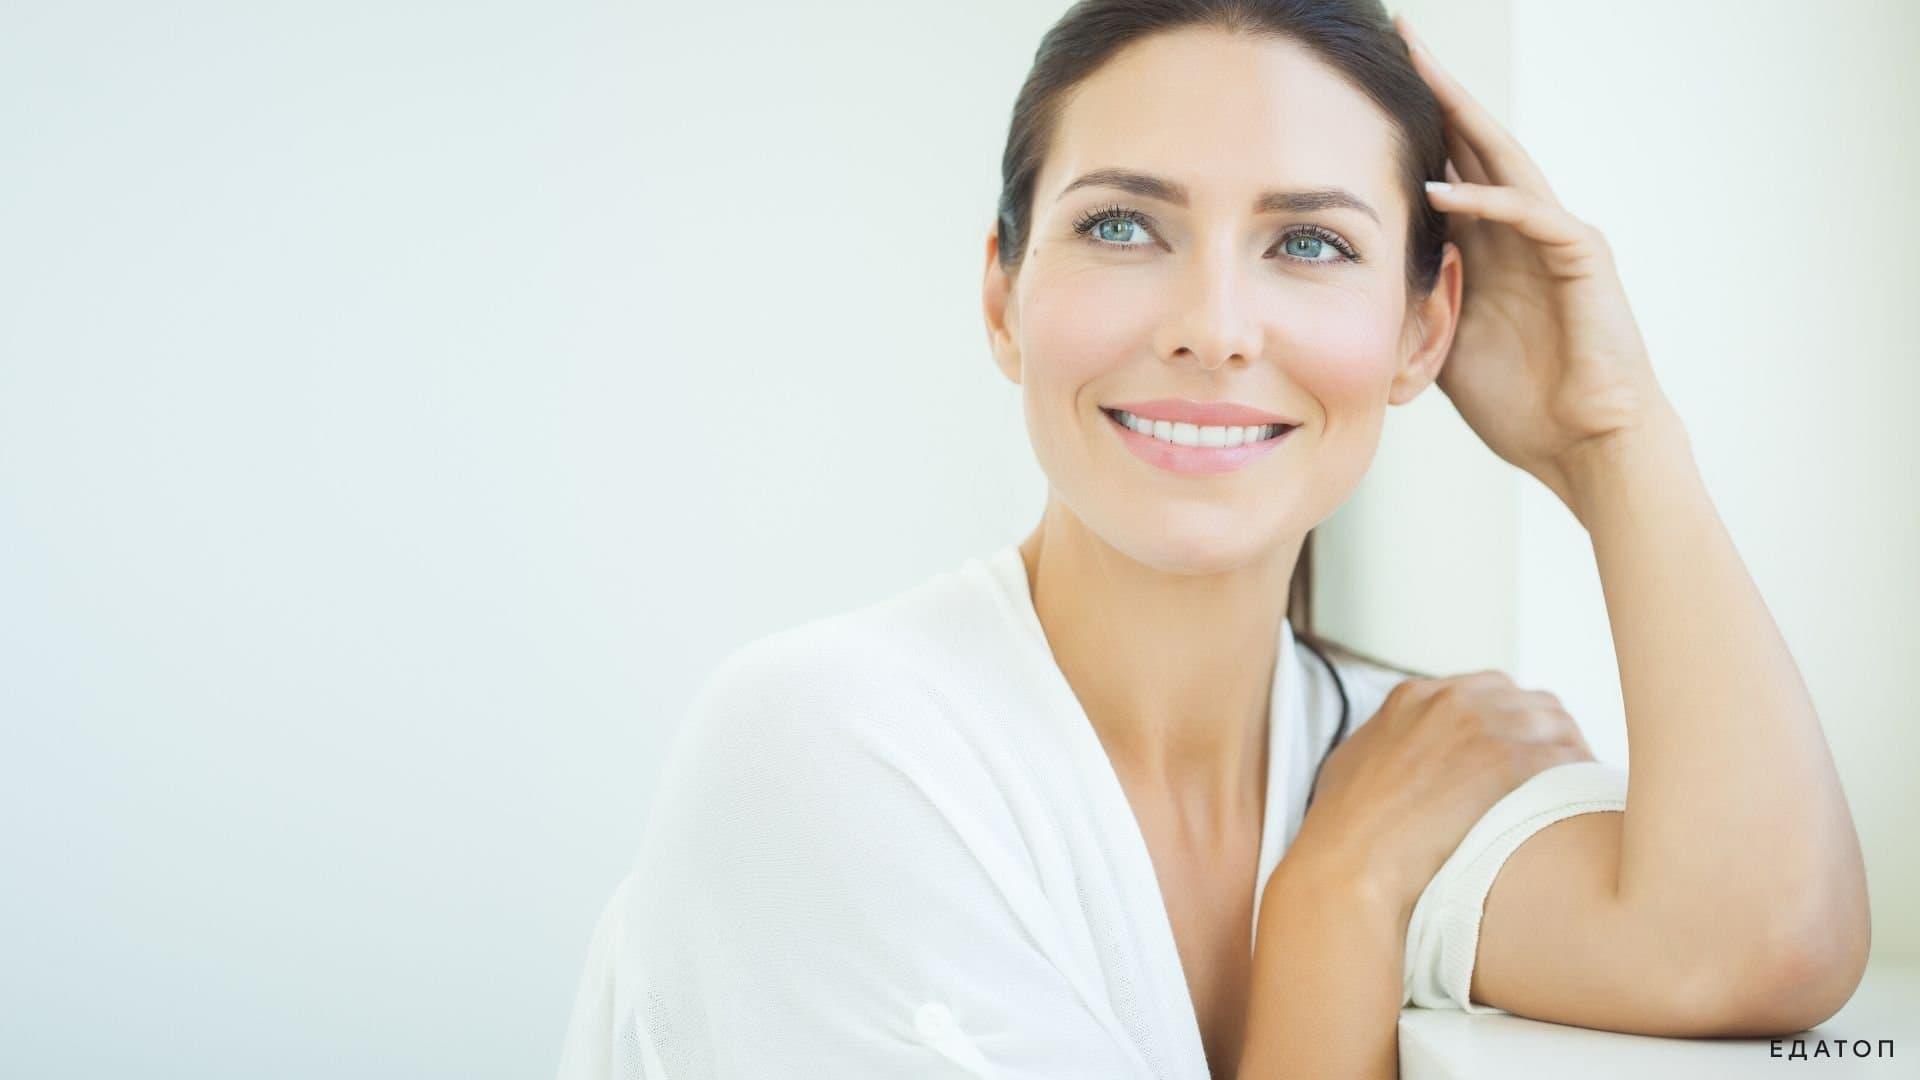 Витамин Д замедляет старение, делает кожу упругой и продлевает молодость.